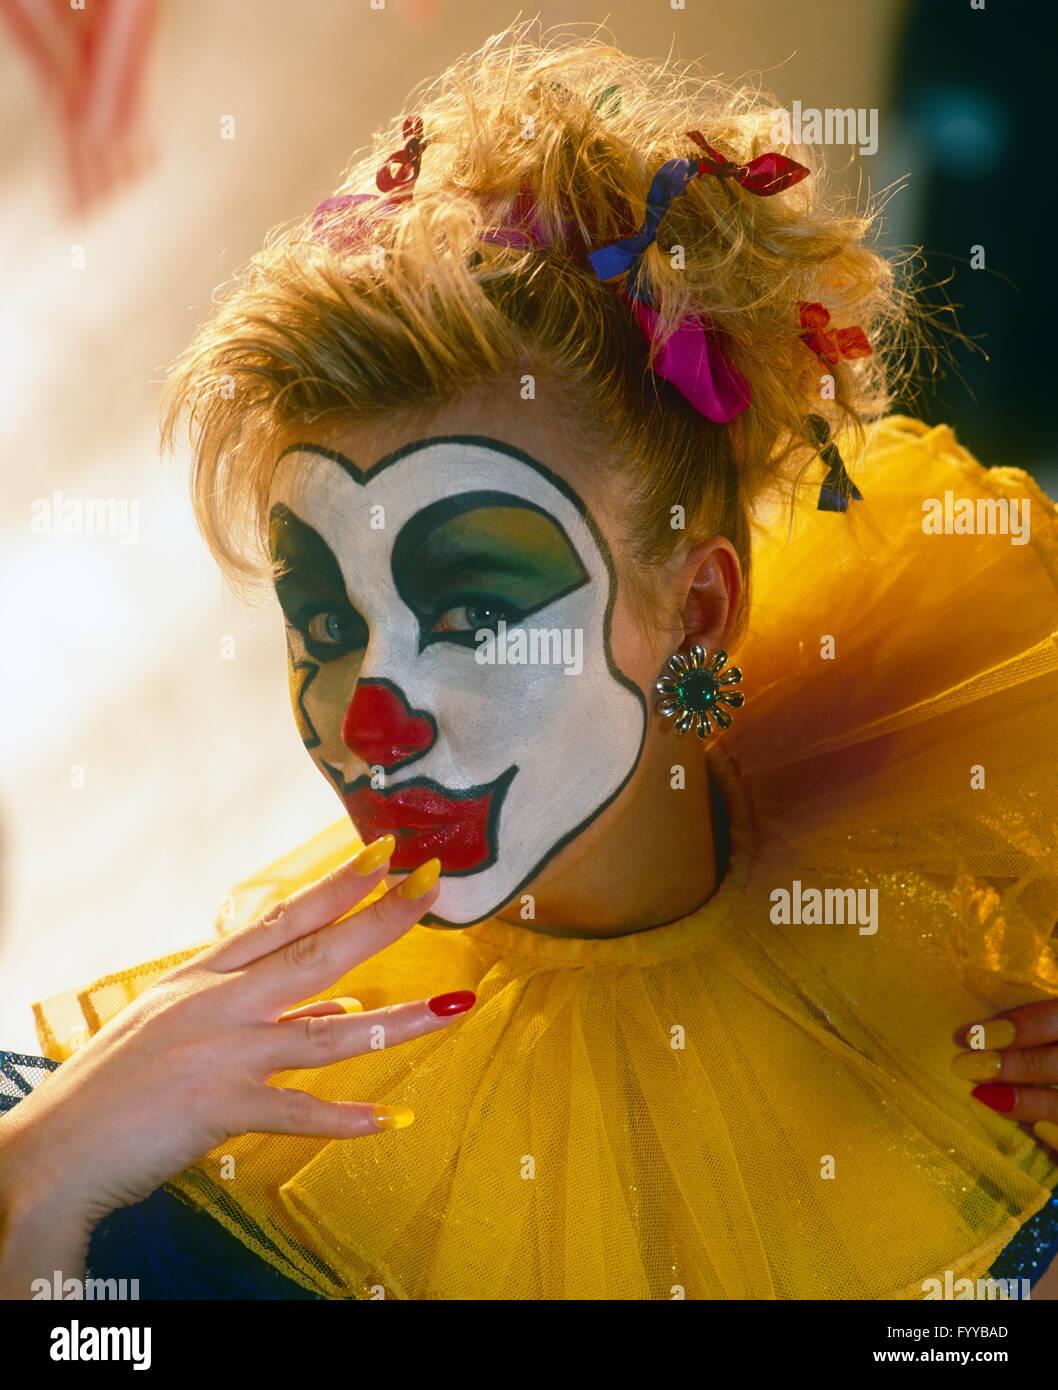 Ragazza clown faccia con la vernice, all'interno. Immagini Stock